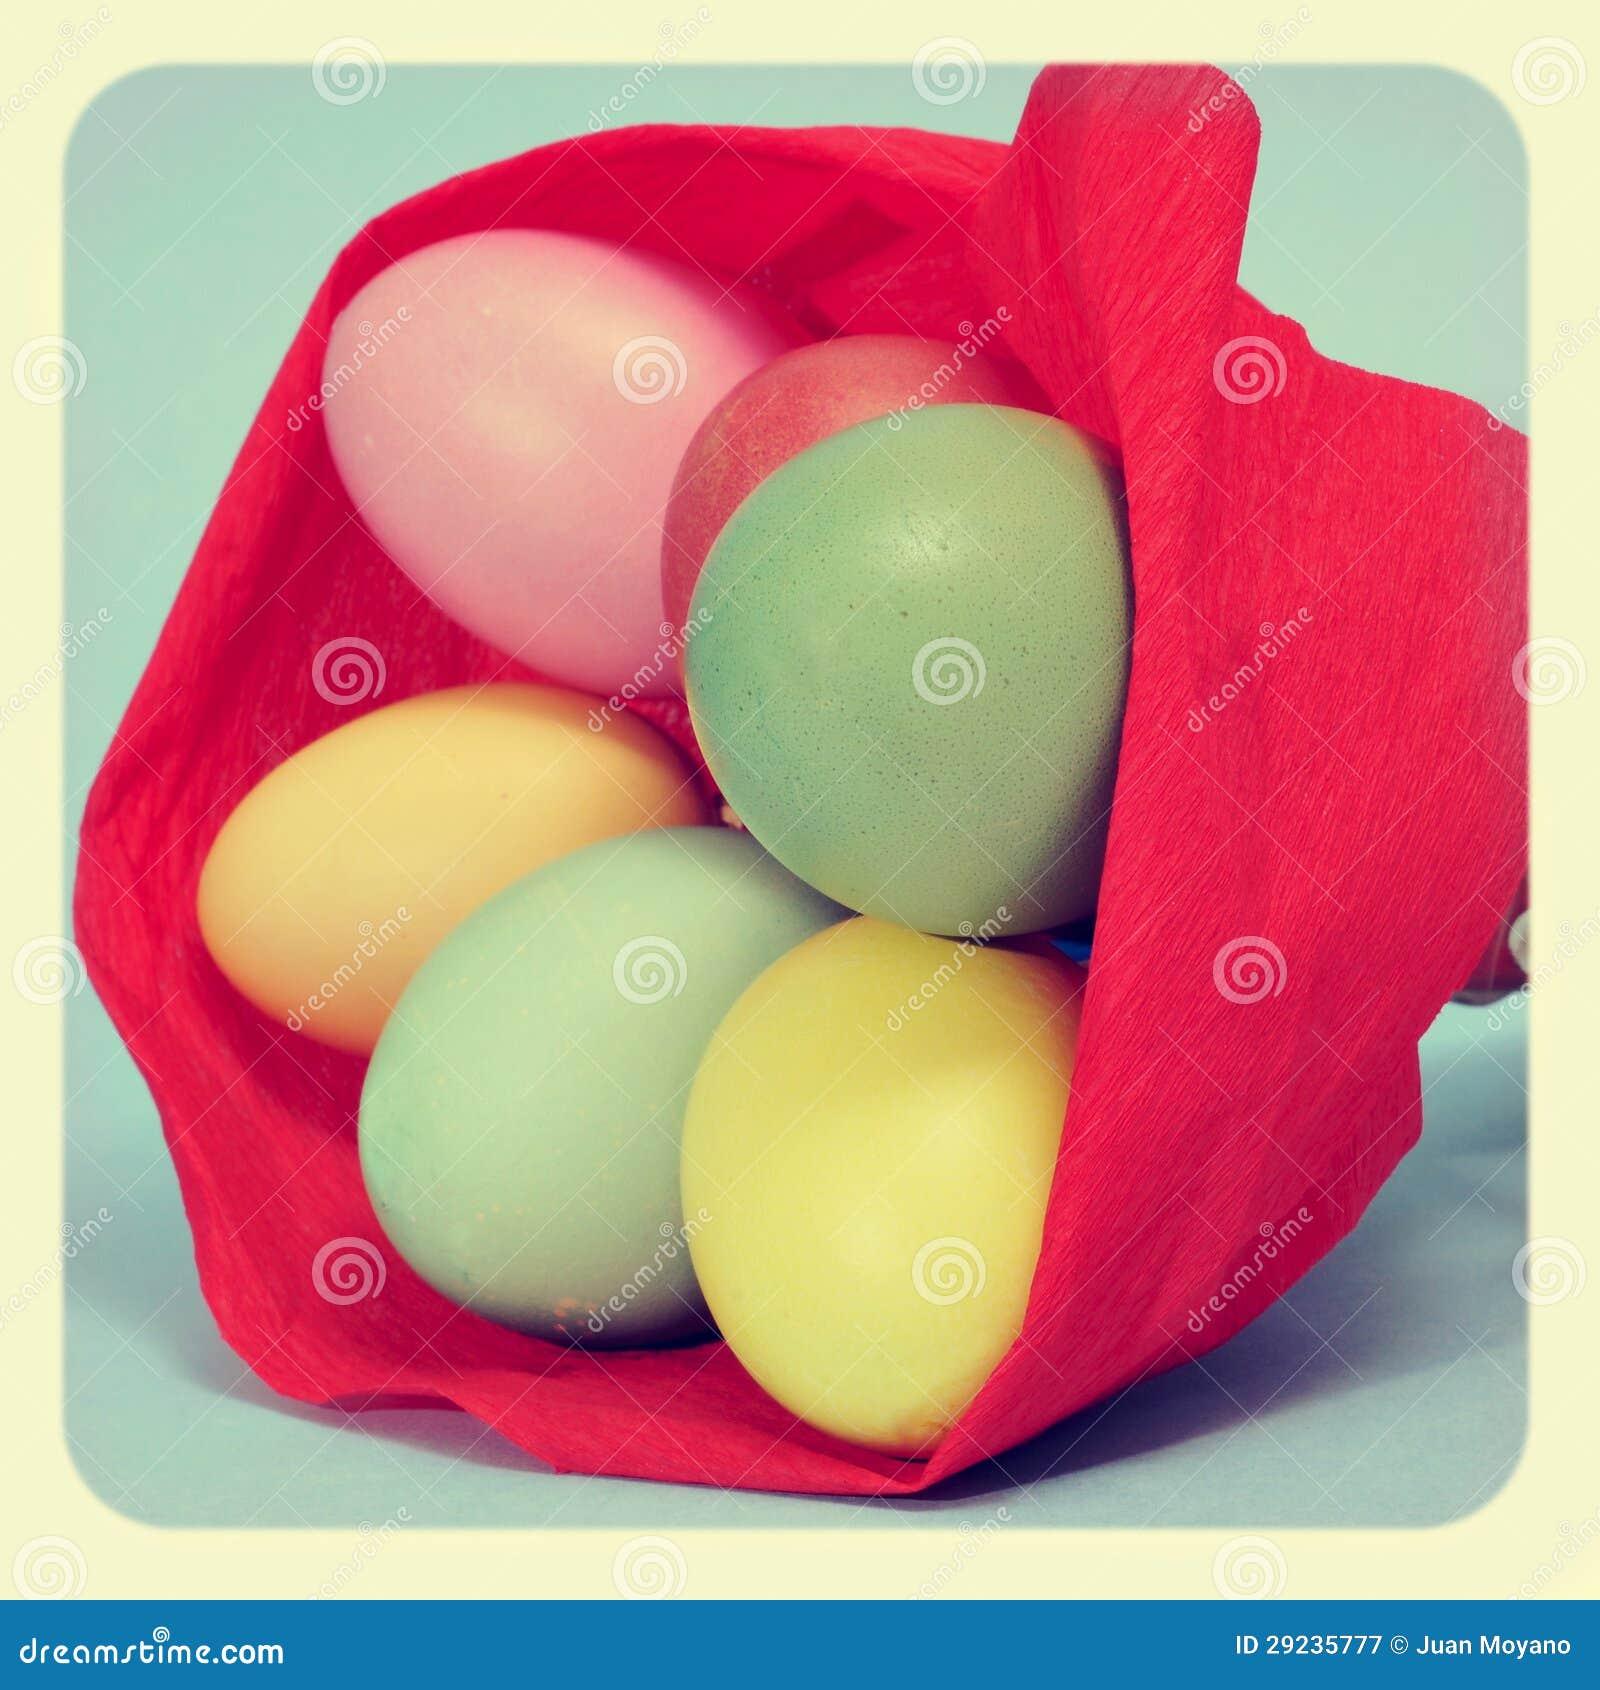 Download Ovos da páscoa imagem de stock. Imagem de pintado, customized - 29235777